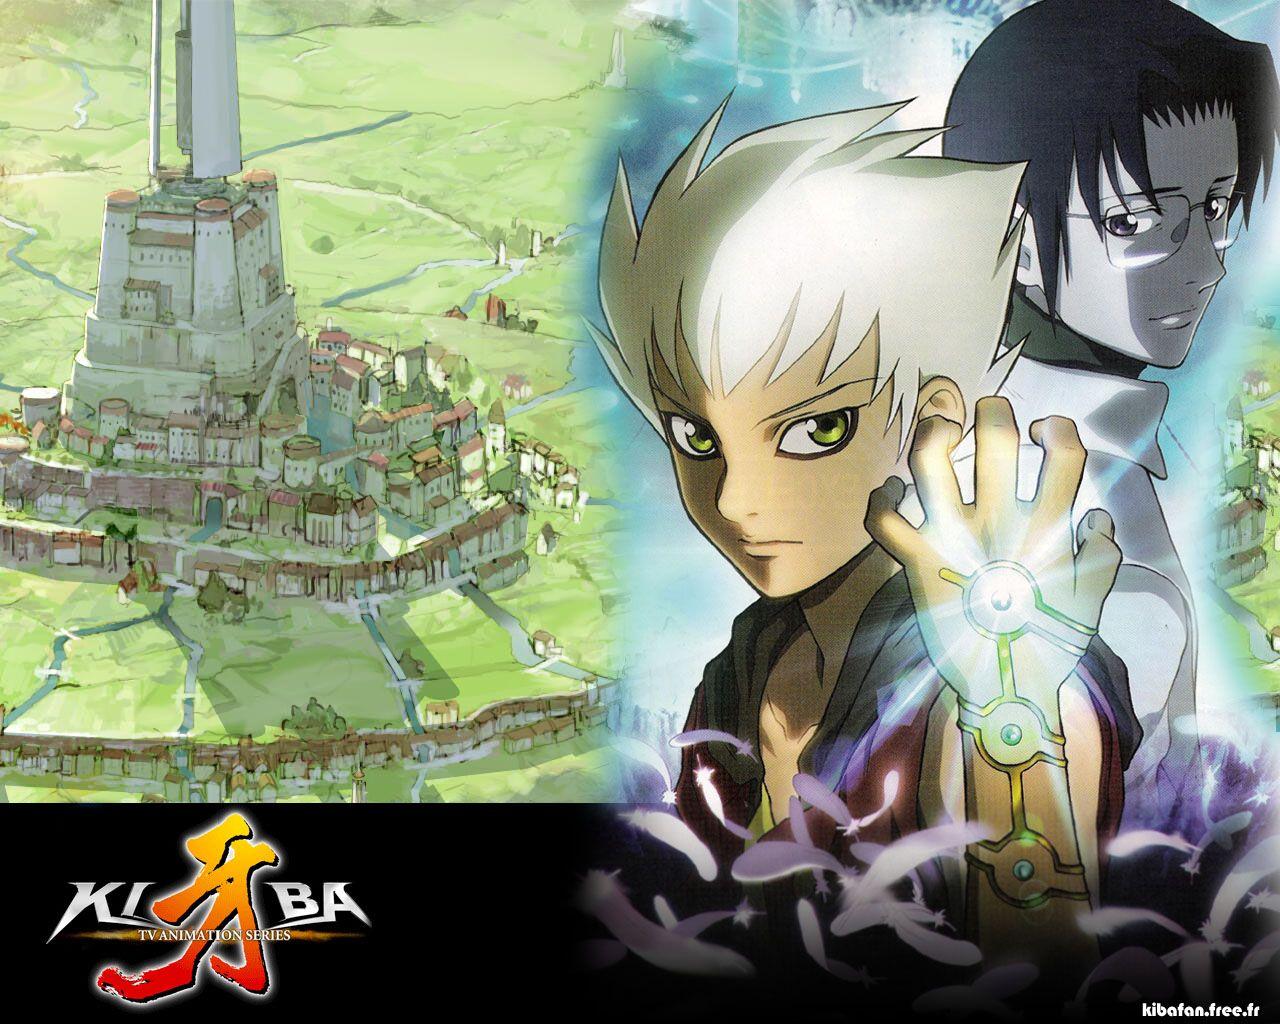 Zed And Noa Anime Wallpaper From Anime Kiba Anime Wallpaper Anime Artwork